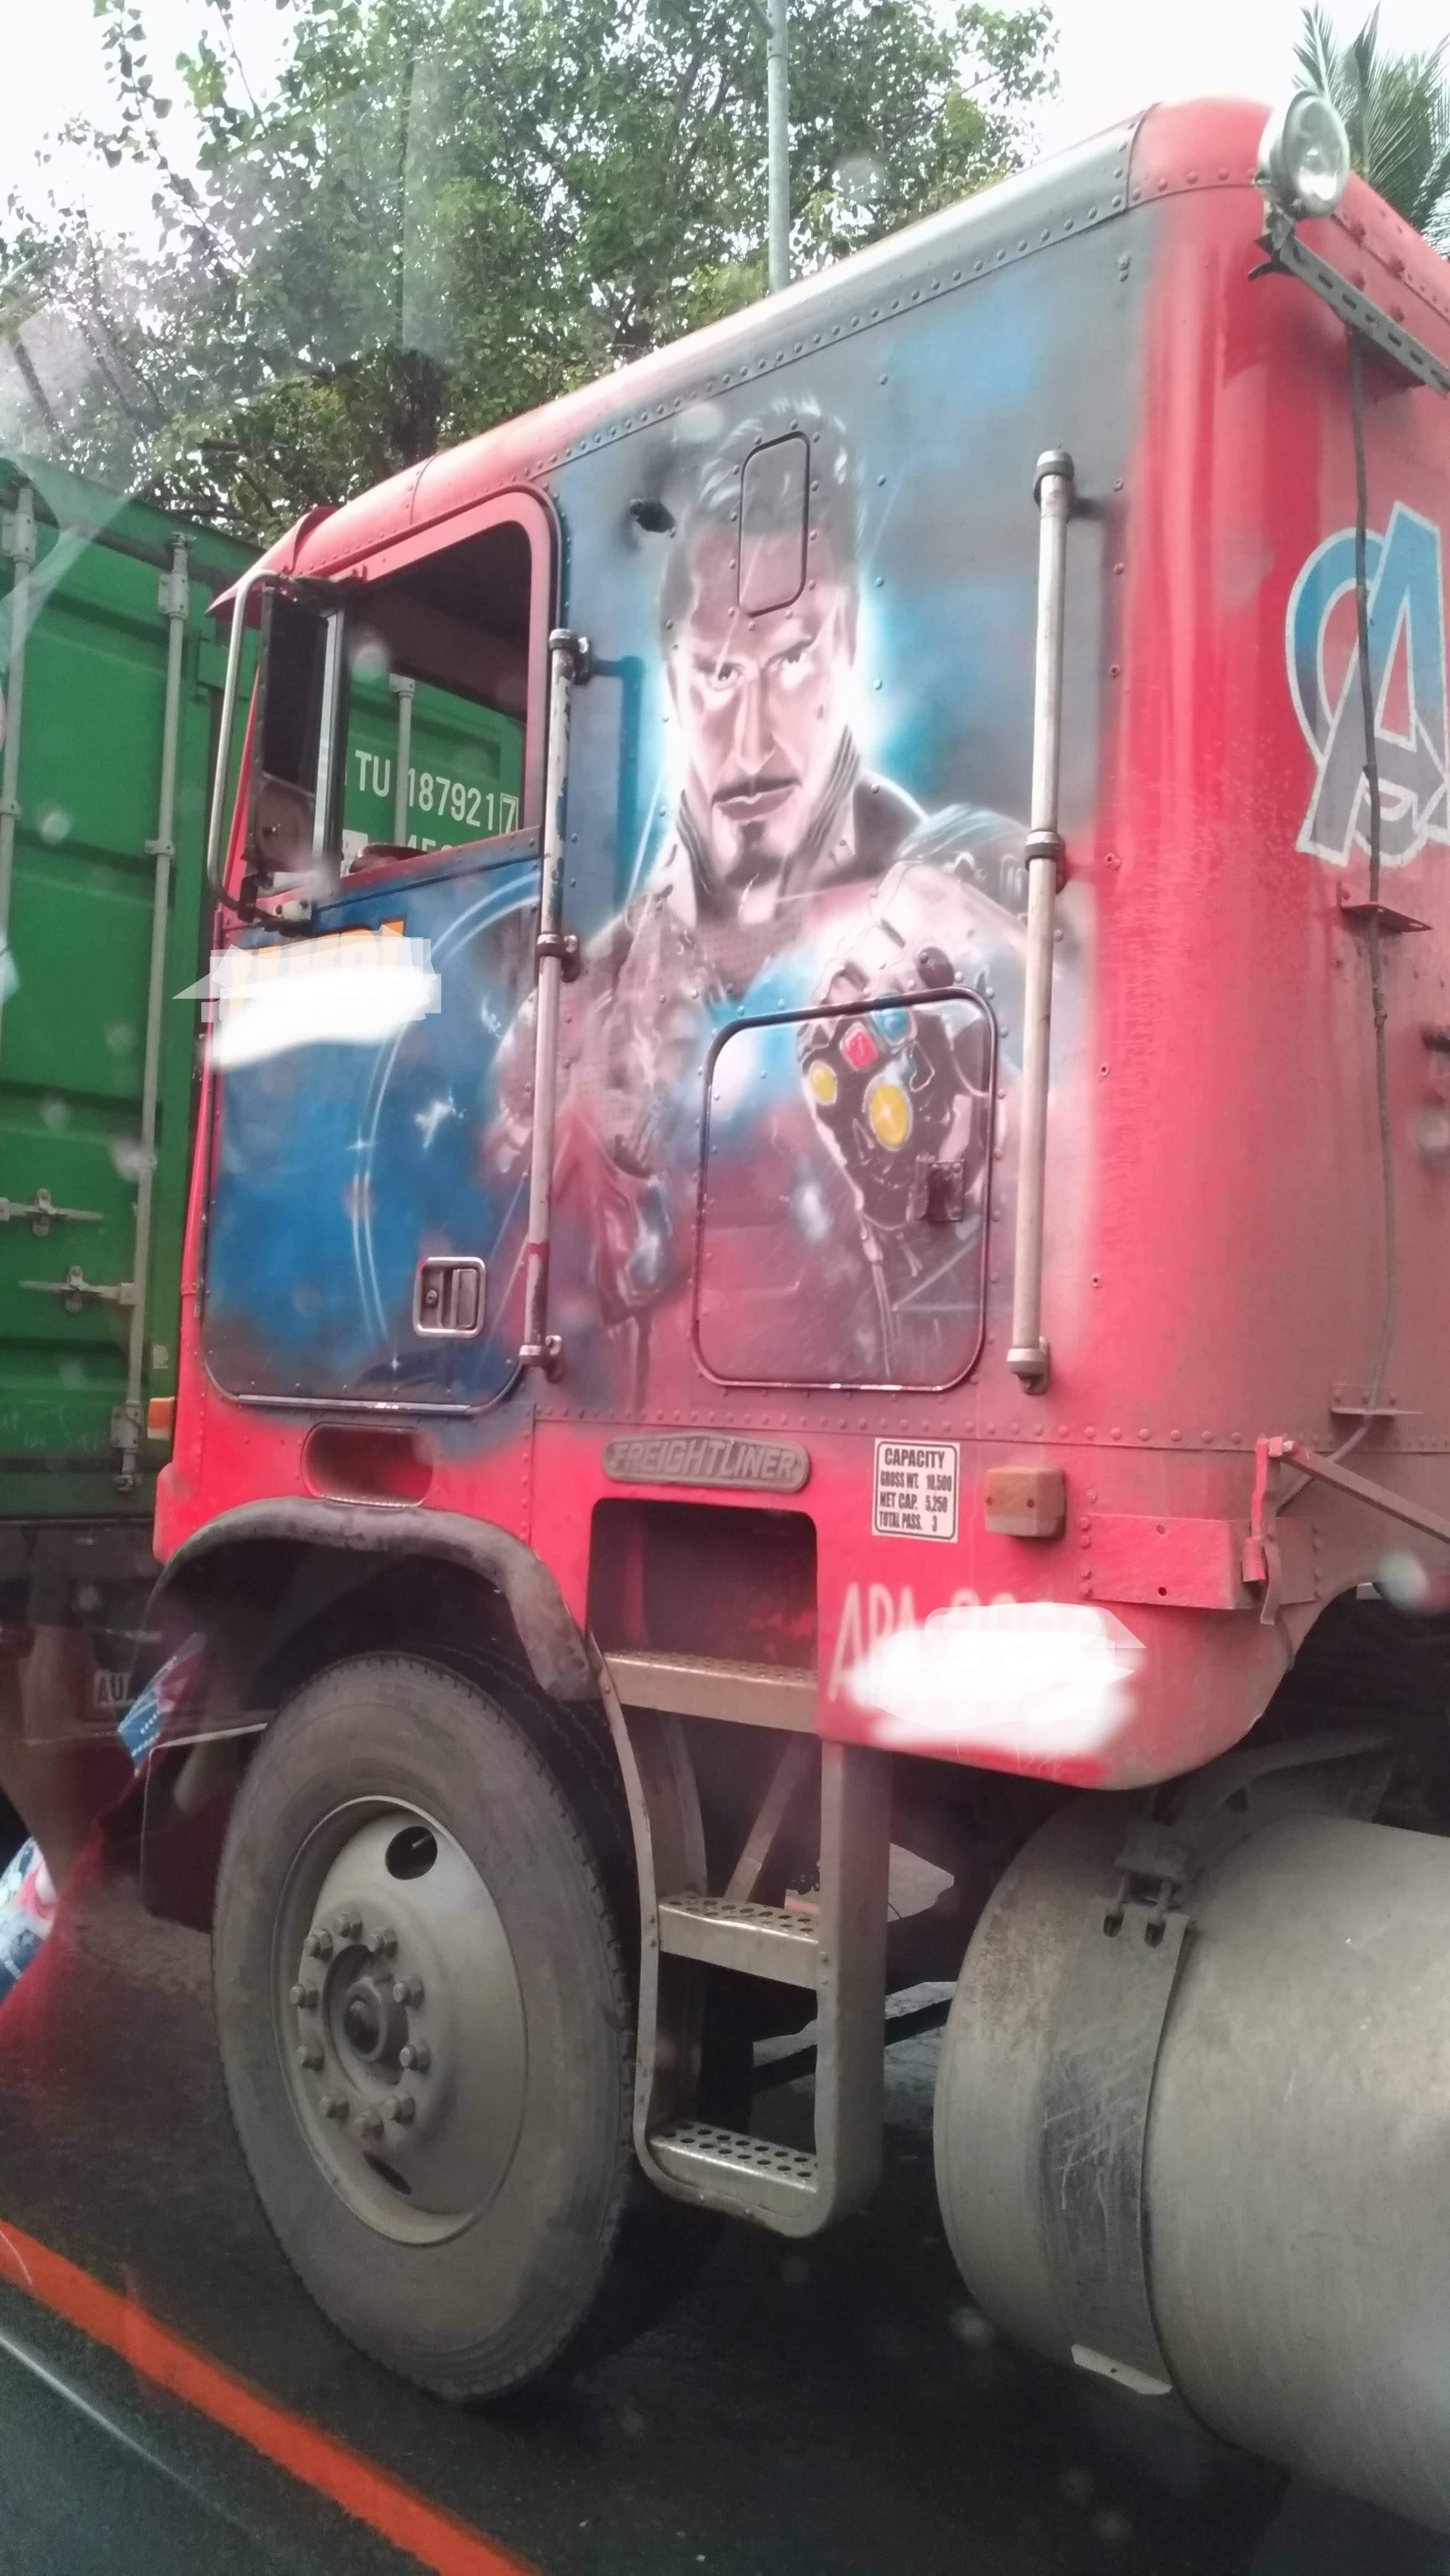 Iron Man Truck : マーベル・マニアの運転手さんのアイアンマン・トラック😄